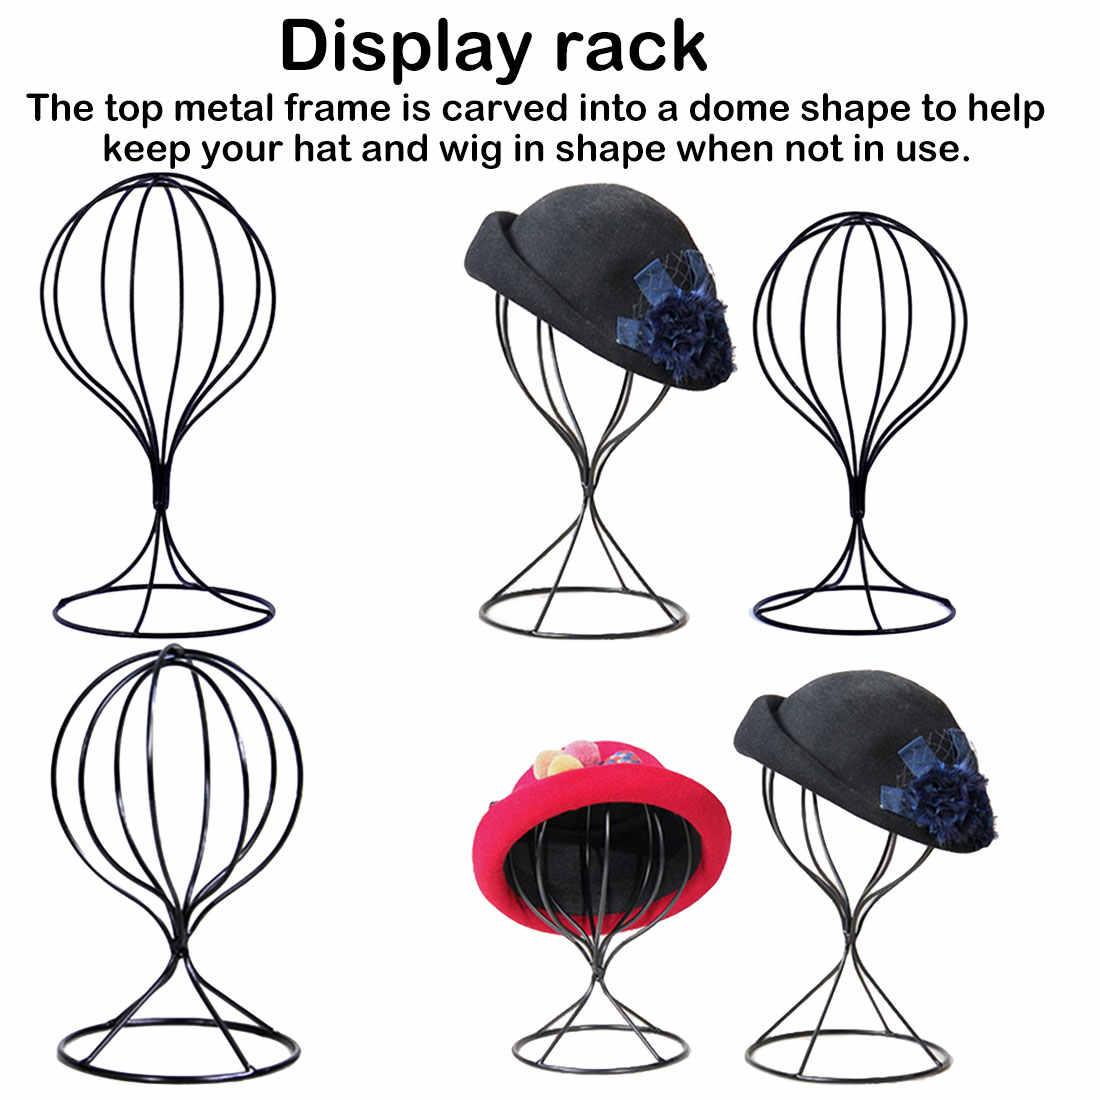 Полый шар, металлический парик, стойка для волос, Настольная декоративная шляпа, держатель для крышки, новый металлический парик, рамка, форма для головы, стенд для дисплея